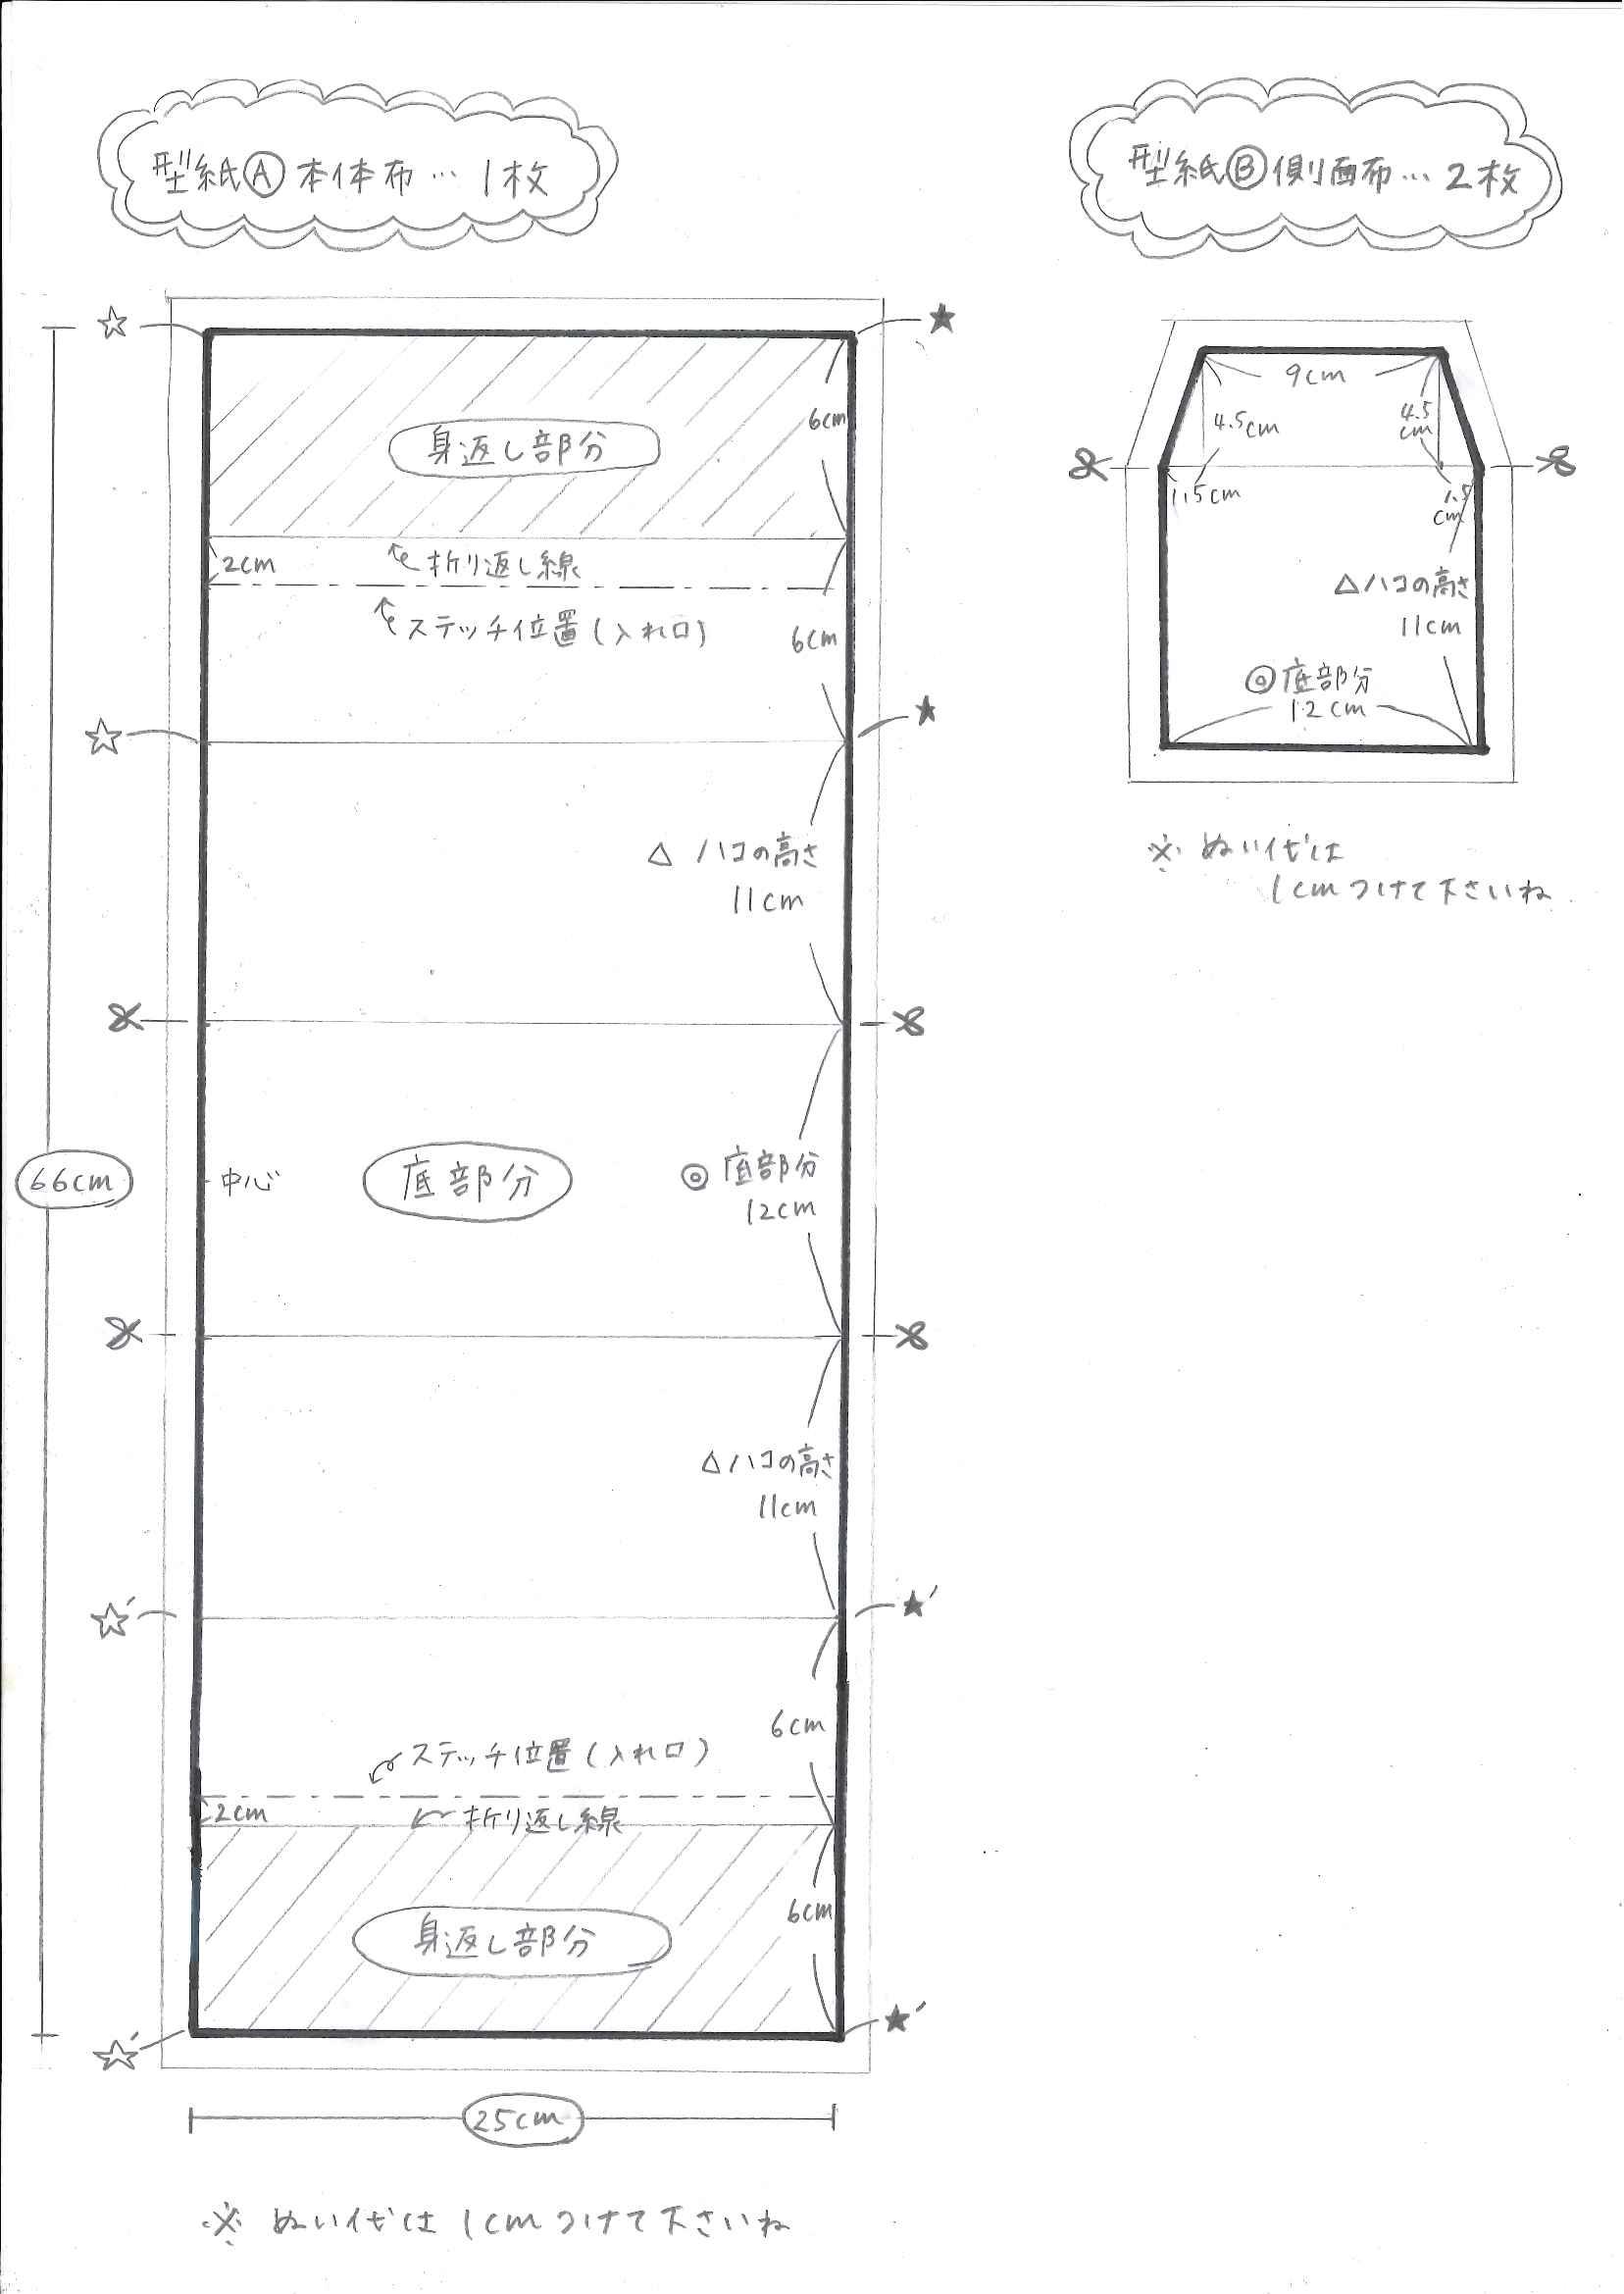 ティッシュカバーの型紙(カシミア)